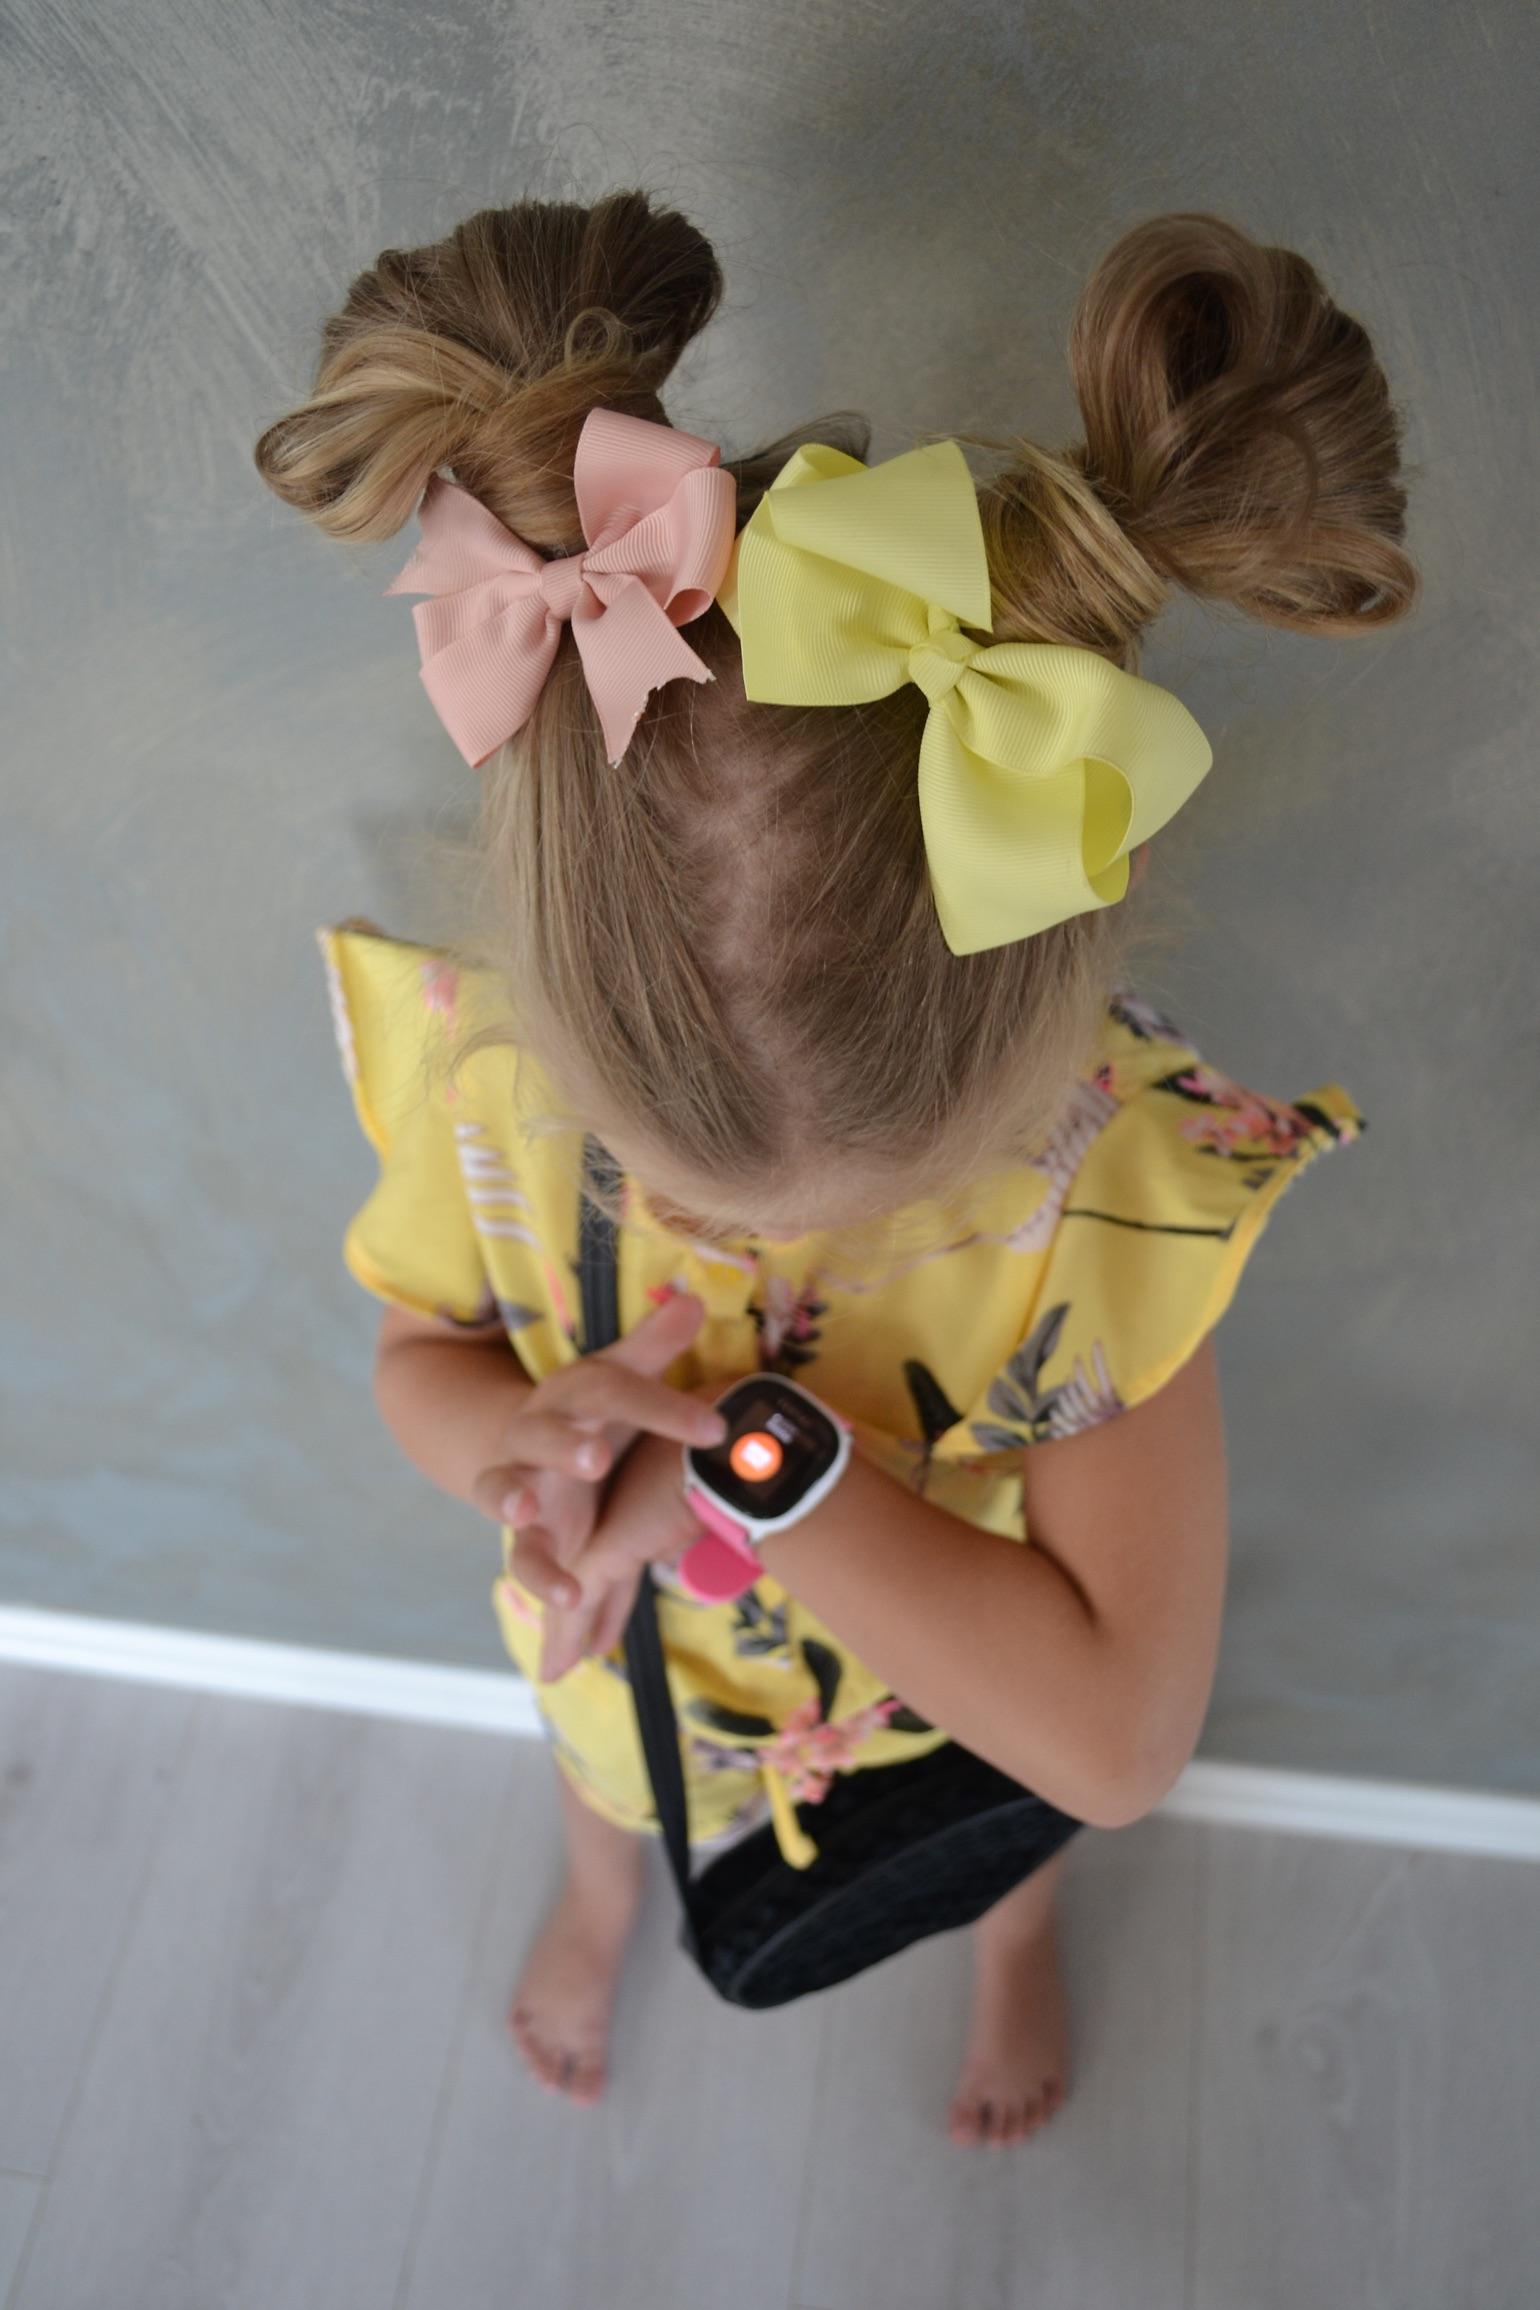 jente-med-sløyfer-i-håret-og-xplora-smartklokke